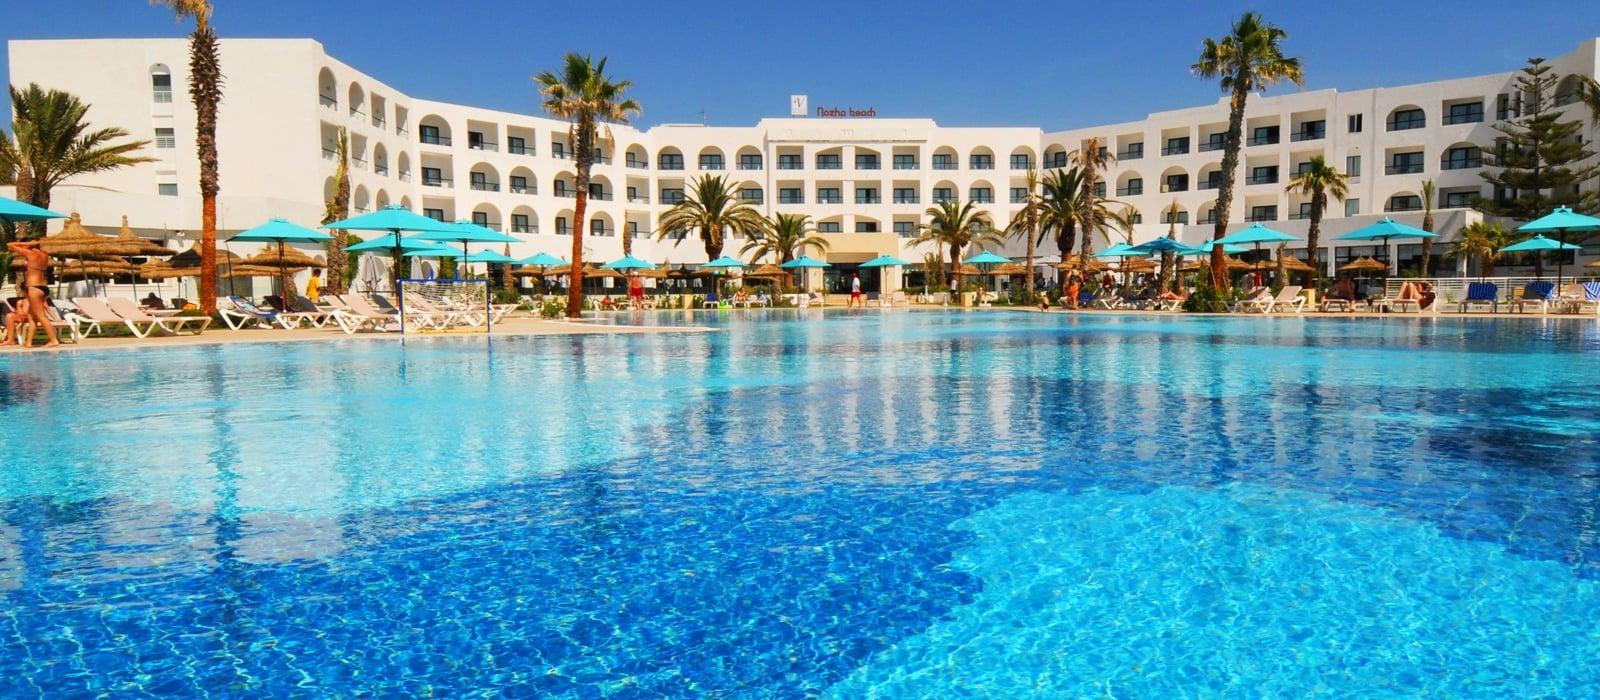 Piscina esterna - Hamammet Nozha Beach Hotel